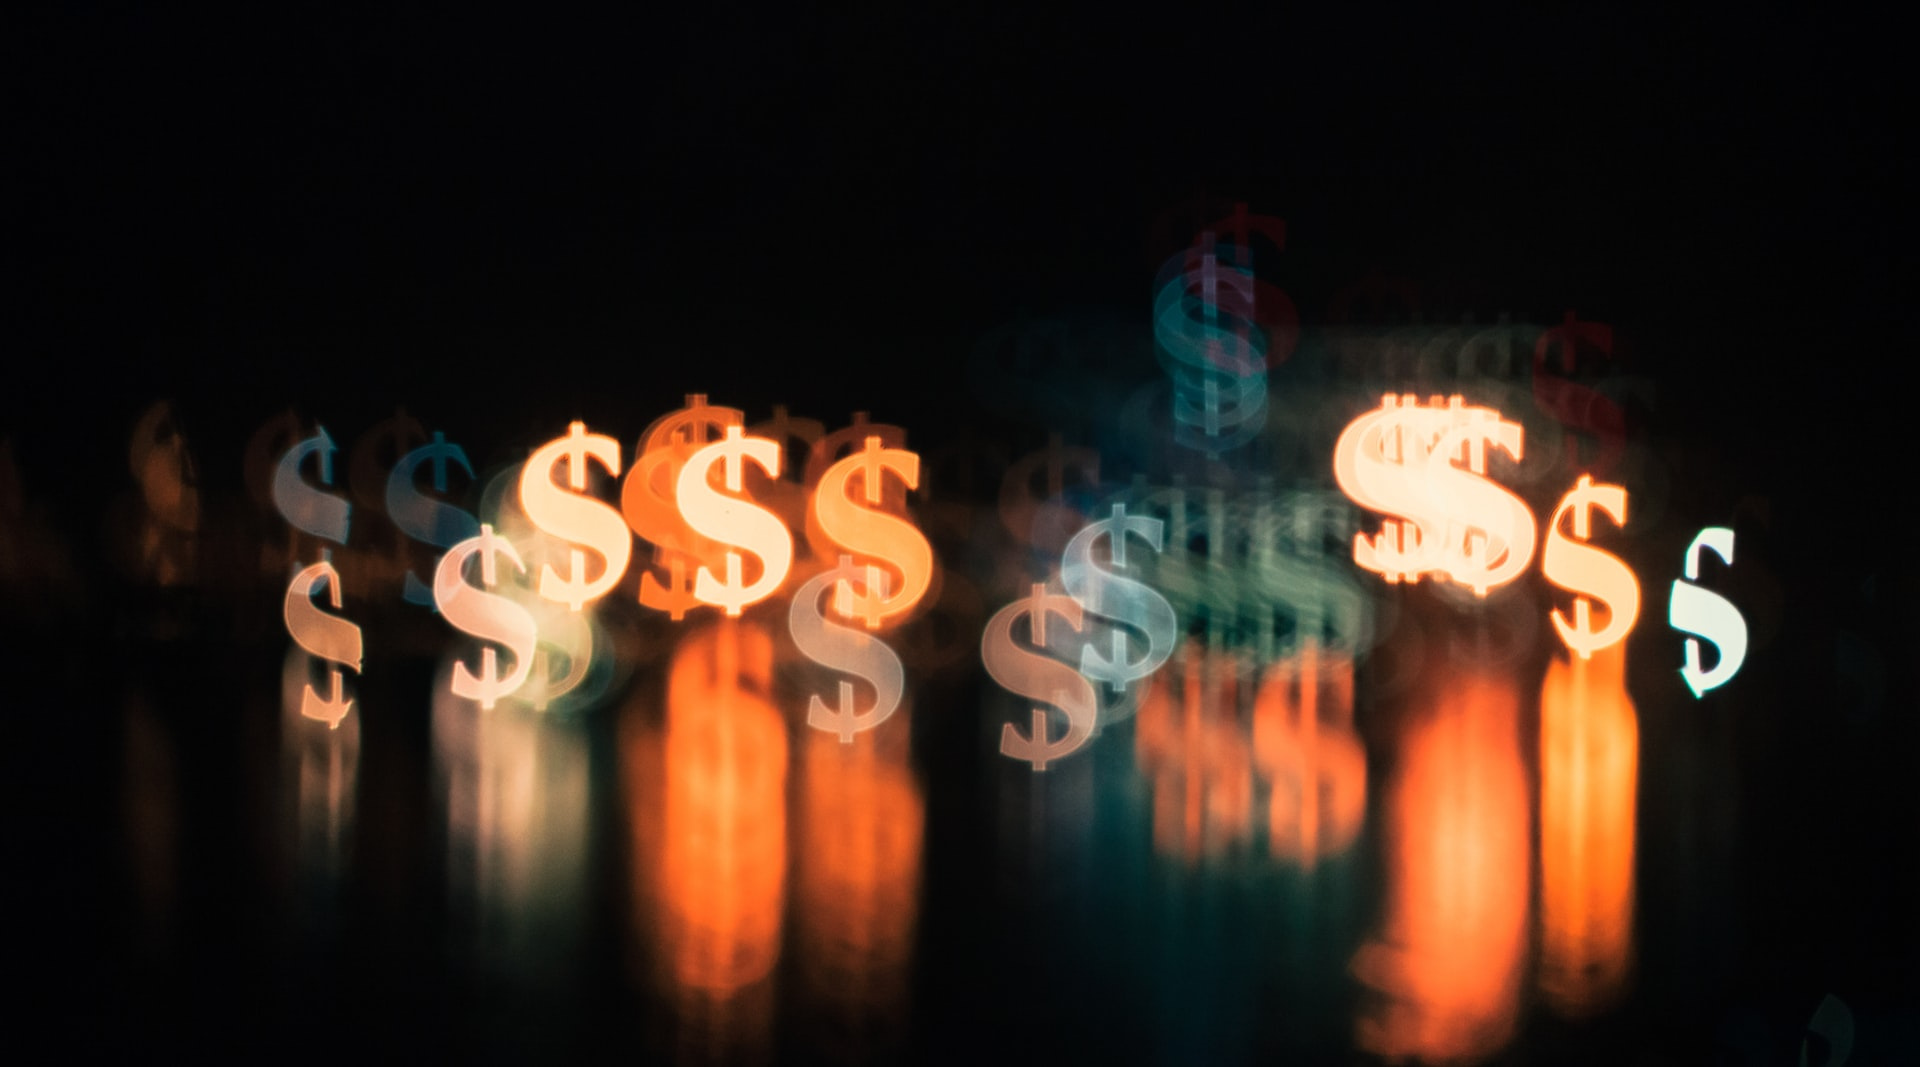 Заказать видеоролик для бизнеса: цена